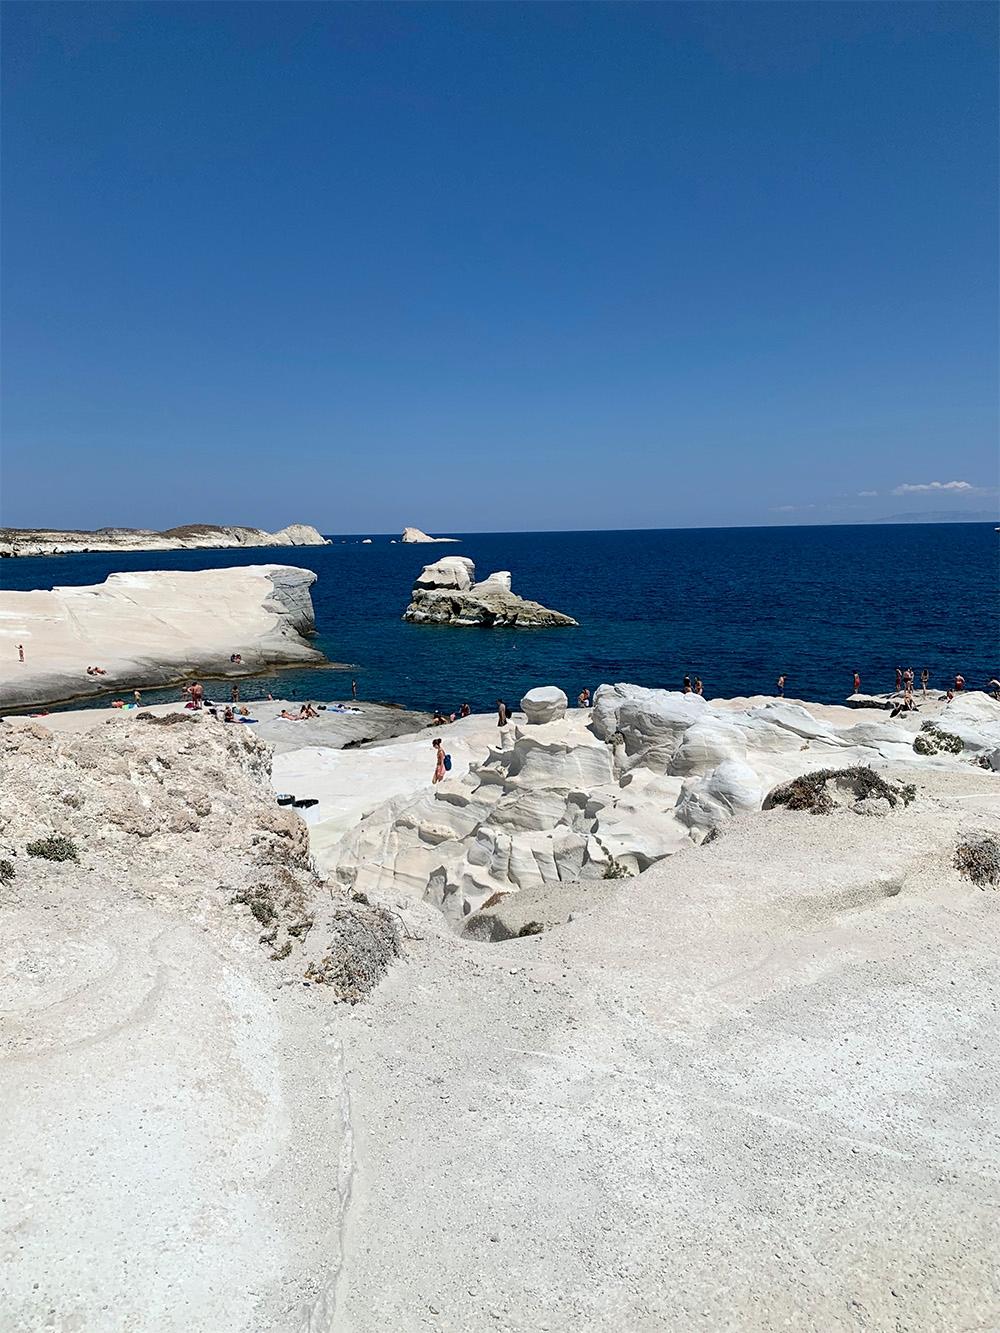 Cliffs over the Sarakiniko coast face the deep blue ocean and clear sky.